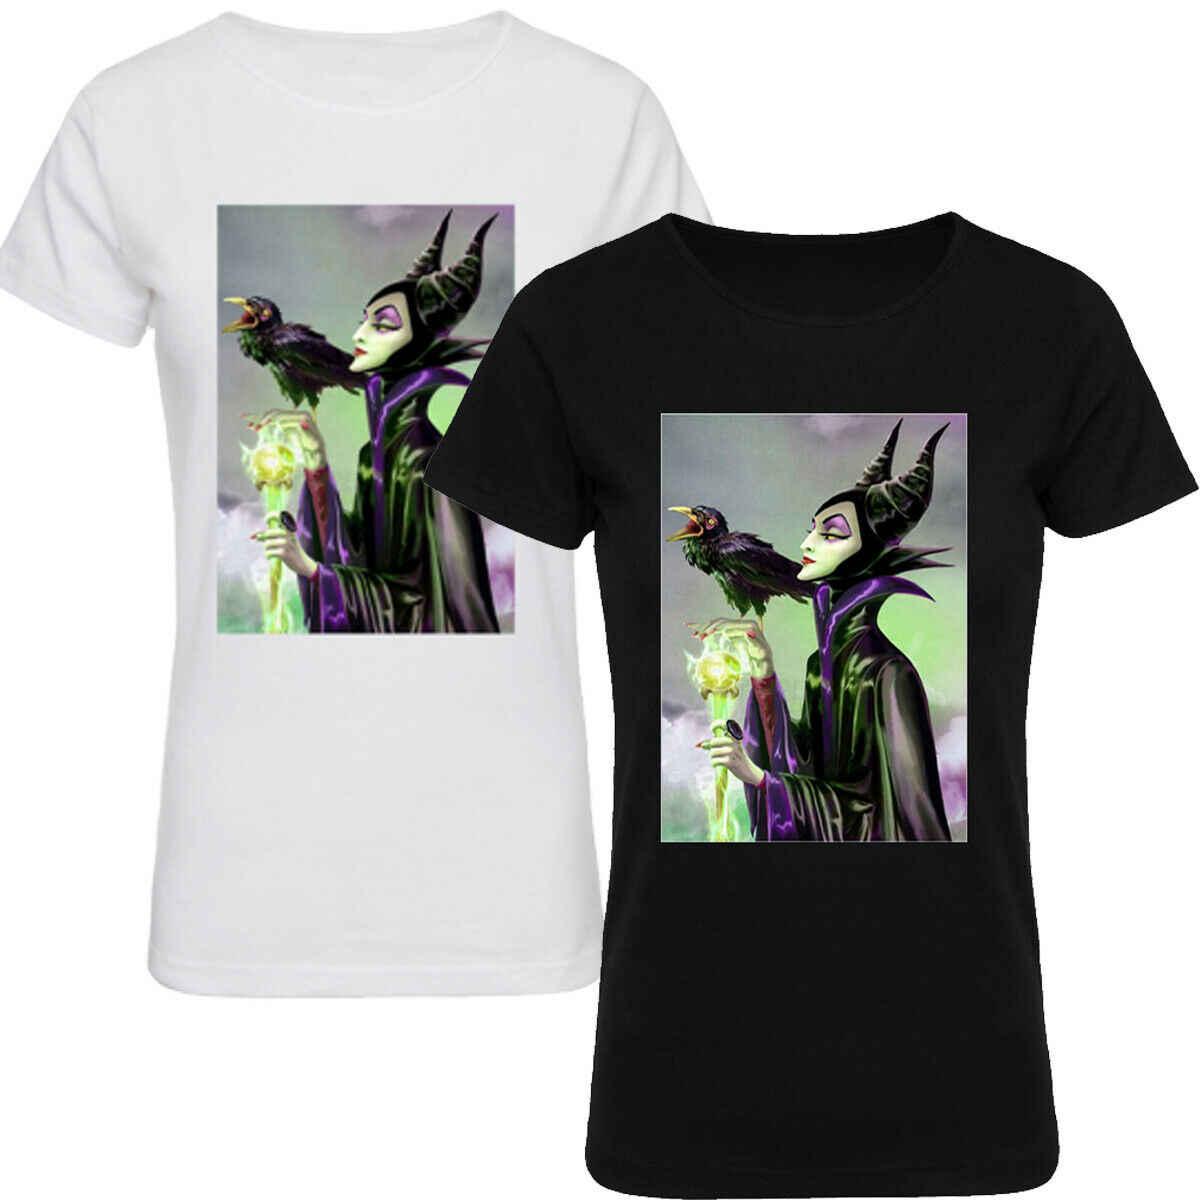 Disney Maleficent หิมะสีขาวแม่มดฮาโลวีน T เสื้อผู้หญิงแบบสบายๆ TOP Tees Naruto T เสื้อ Camisas Hombre